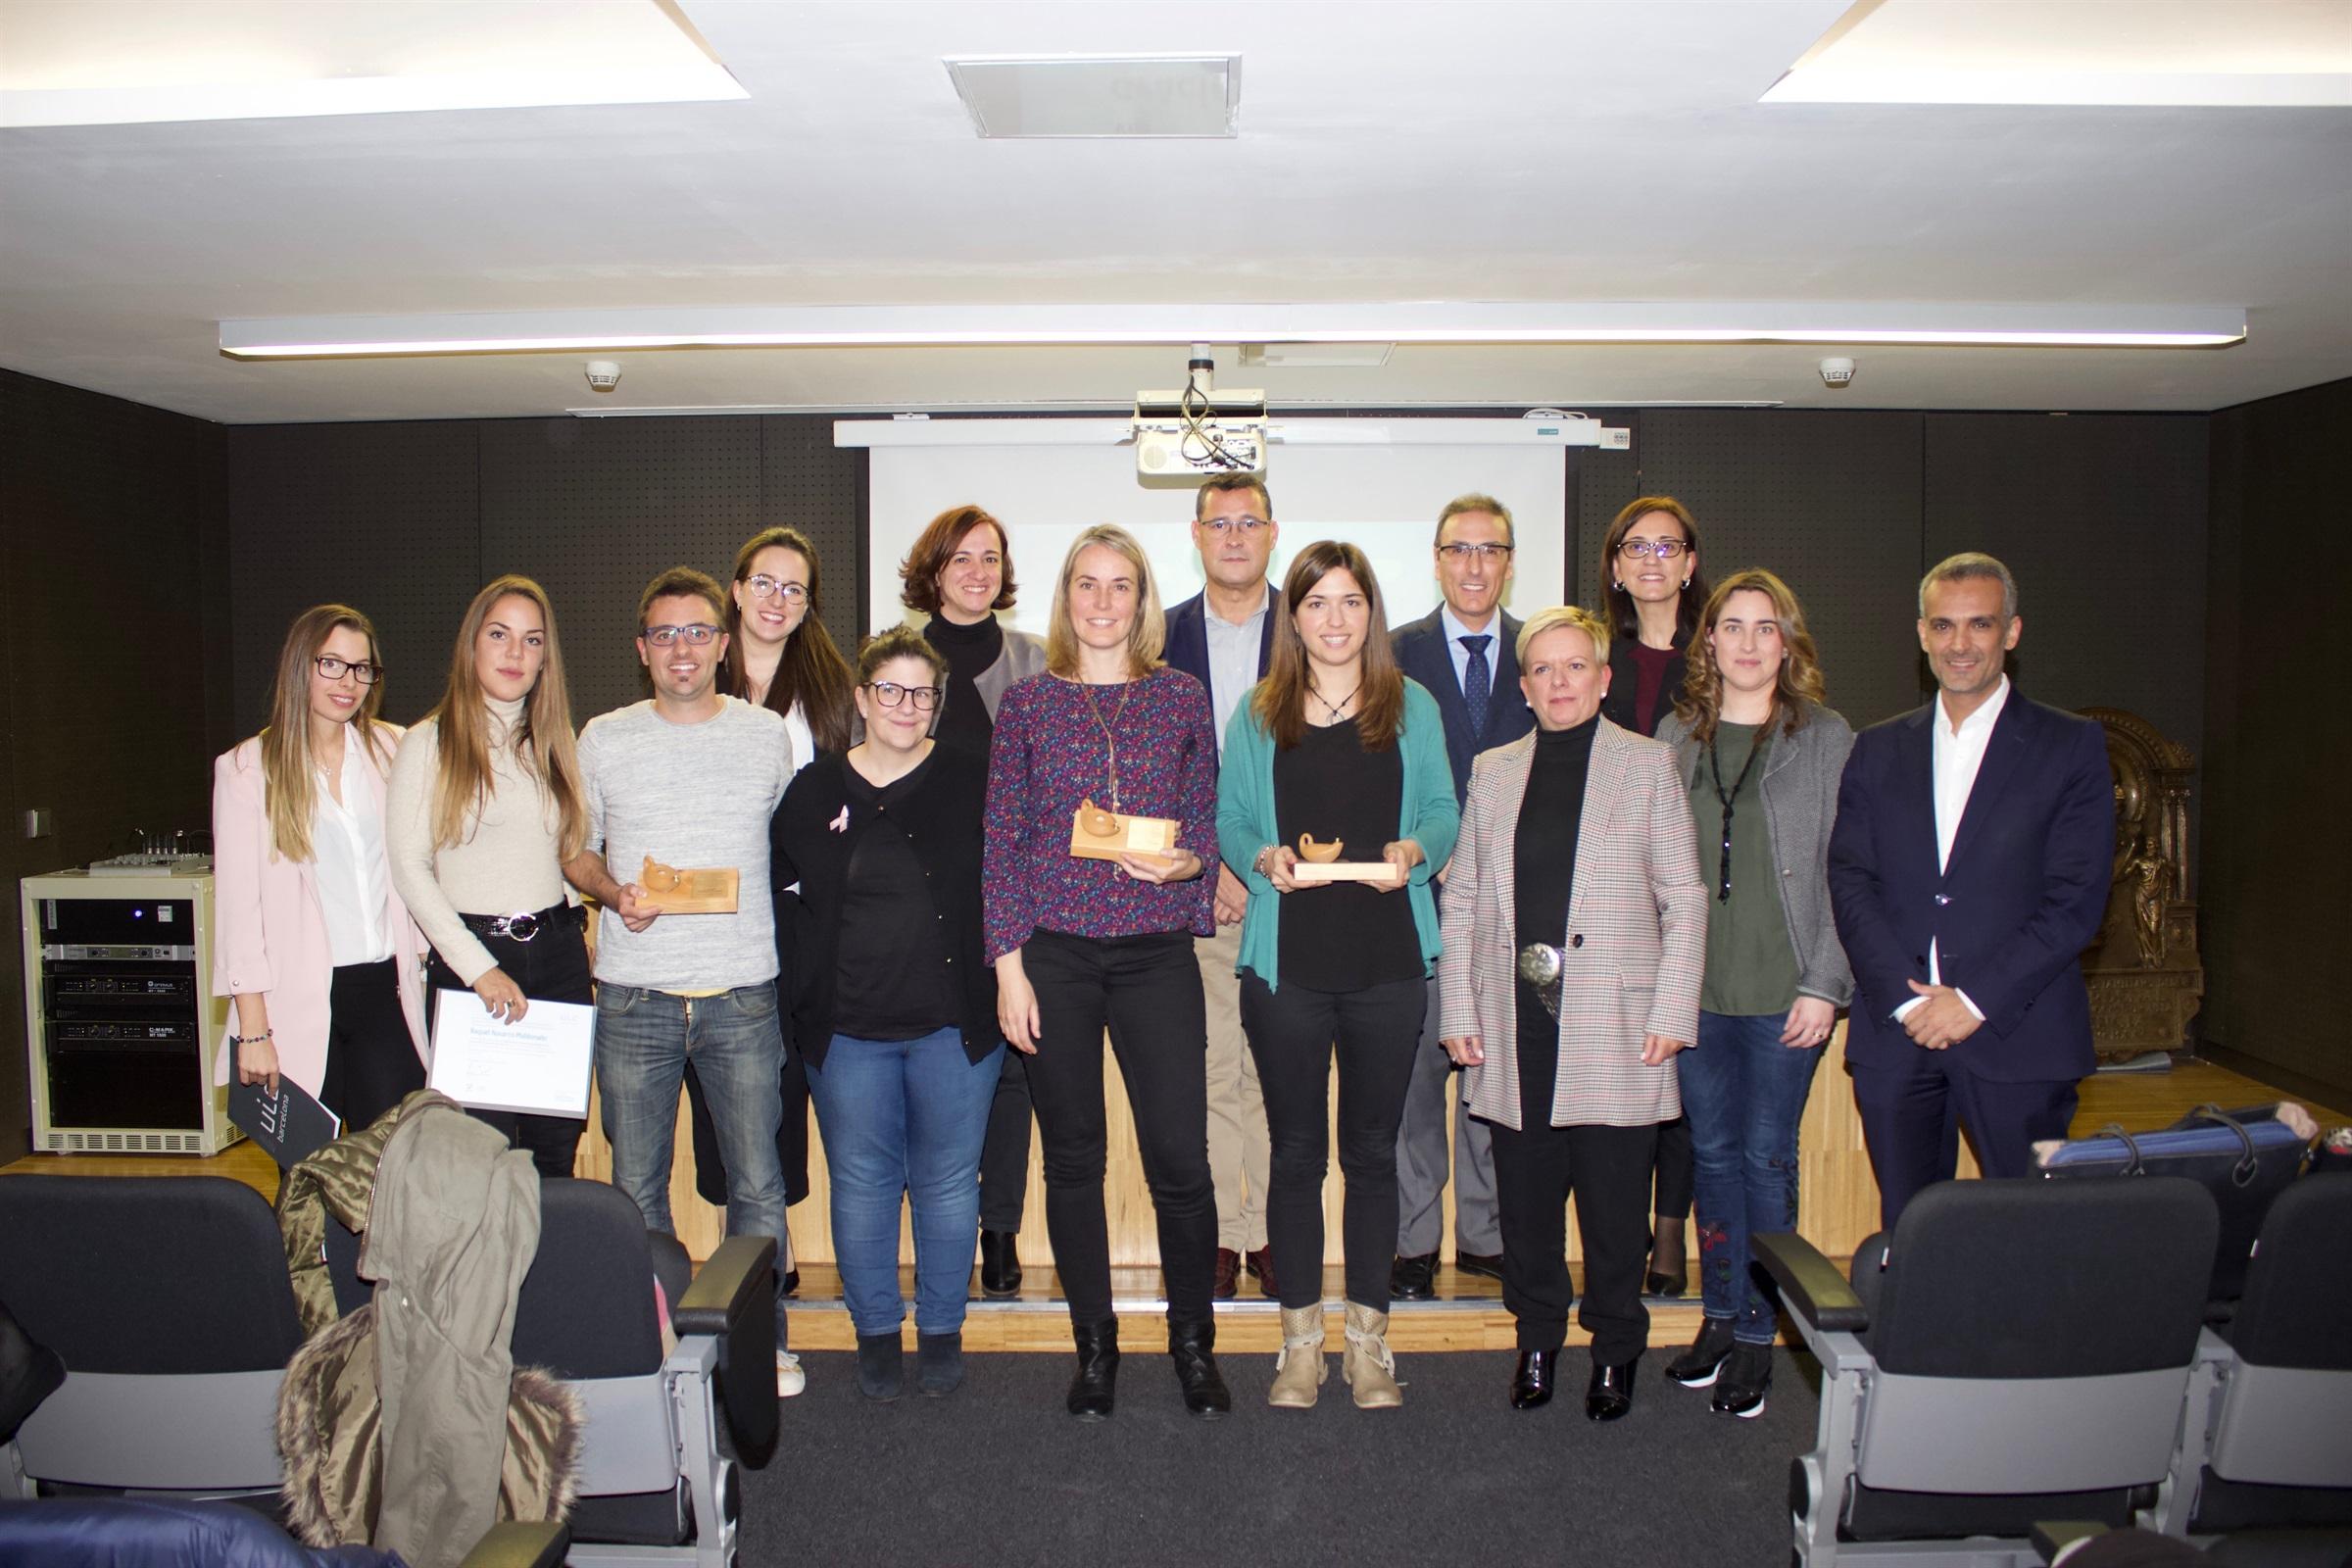 La Fundació Vila Saborit, l'Hospital Universitari Sagrat Cor i la Universitat Internacional de Catalunya (UIC) entreguen la quarta edició dels Premis de Recerca en infermeria Fundació Vila Saborit